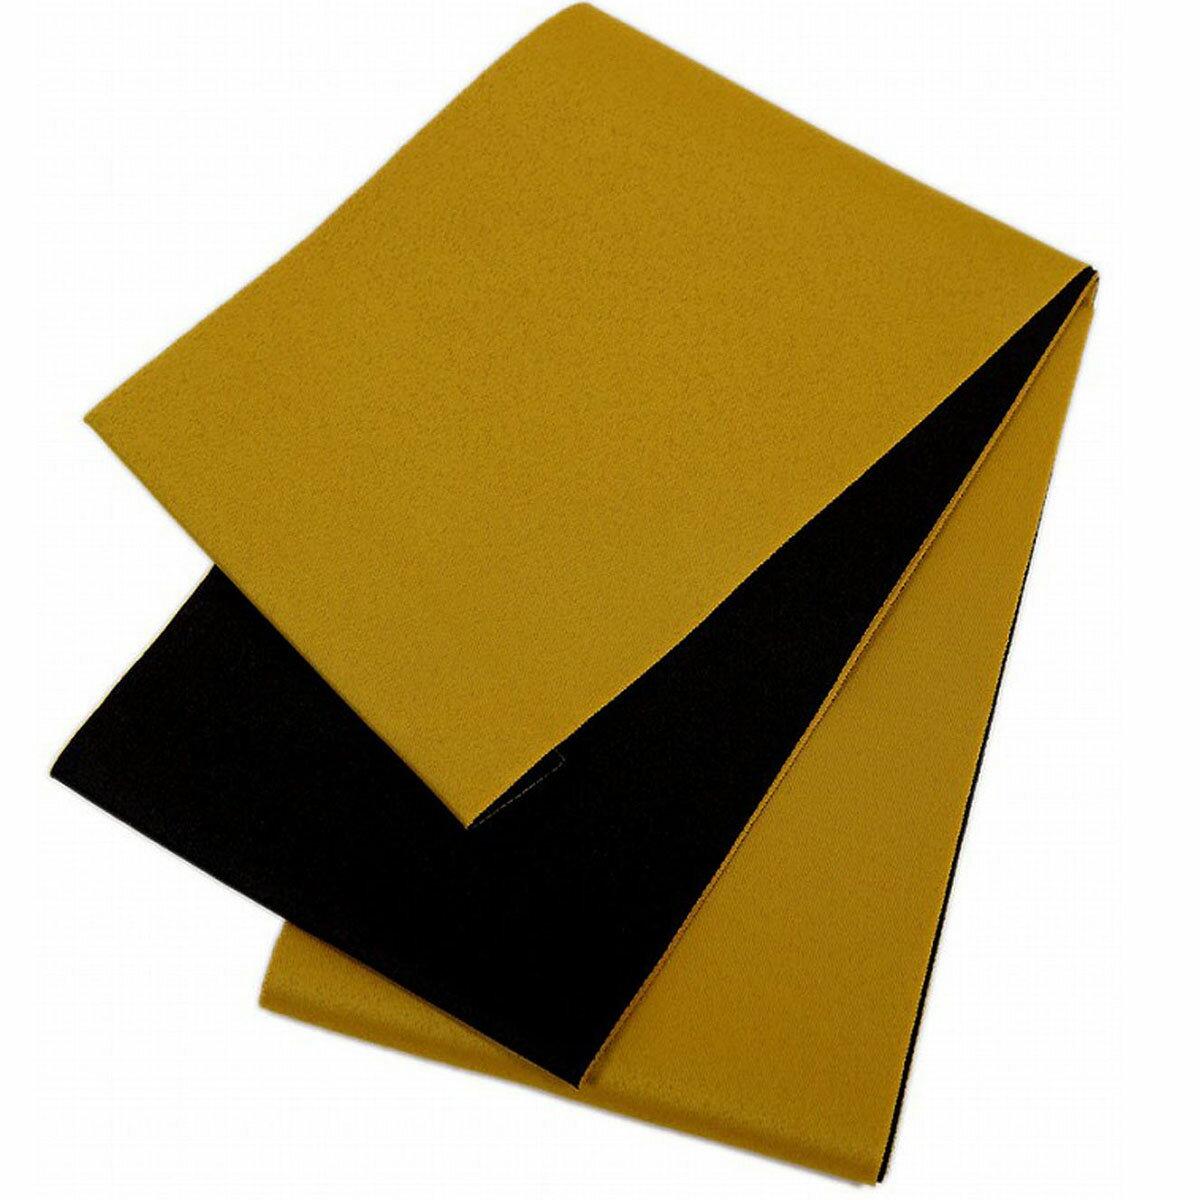 日本製 シンプル リバーシブル 浴衣帯 無地 黄×黒 長尺 超長尺